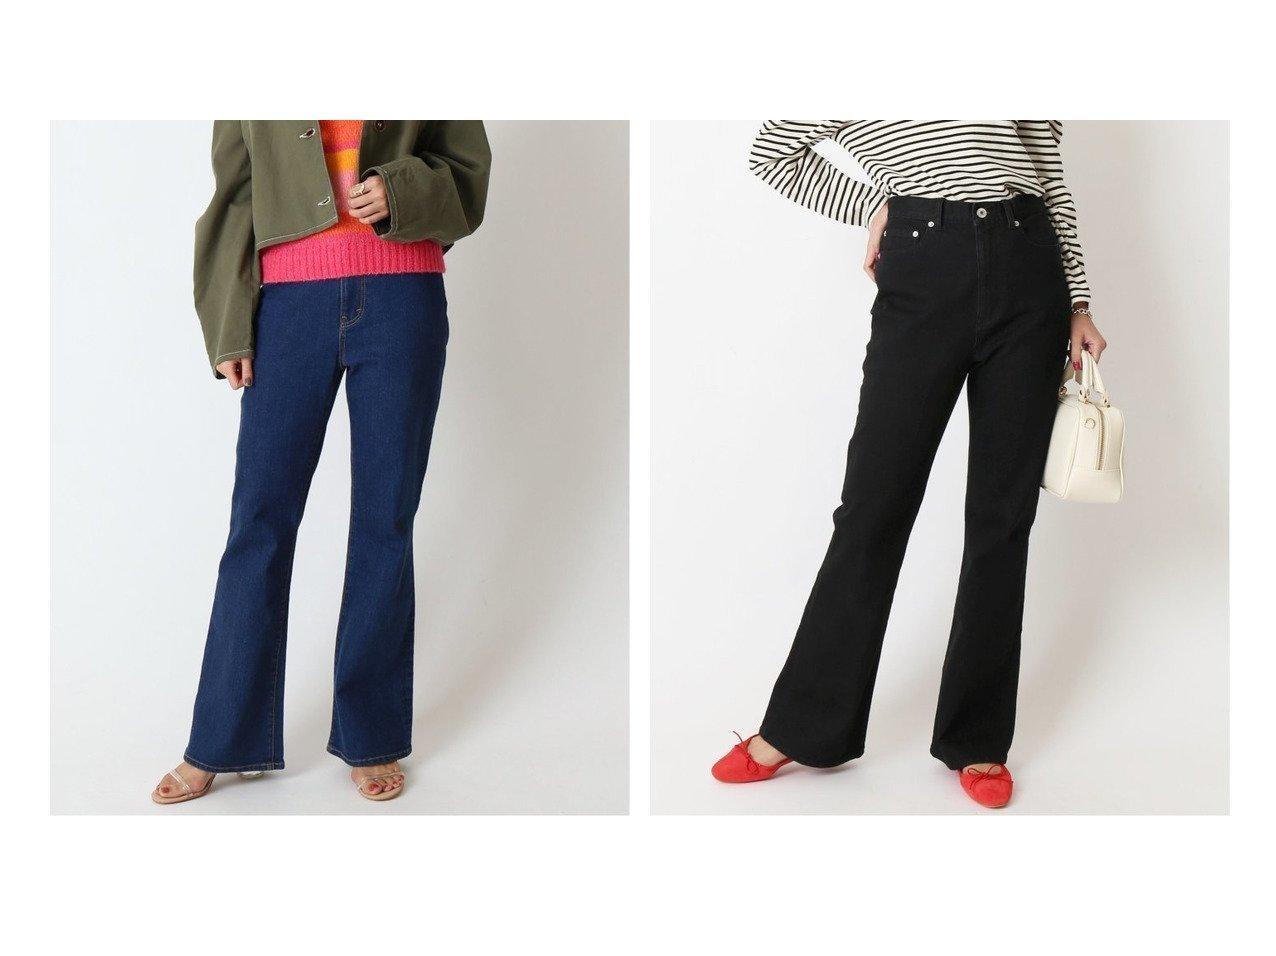 【U by Spick&Span/ユーバイ スピック&スパン】のハイウエストフレアデニム パンツのおすすめ!人気、トレンド・レディースファッションの通販 おすすめで人気の流行・トレンド、ファッションの通販商品 メンズファッション・キッズファッション・インテリア・家具・レディースファッション・服の通販 founy(ファニー) https://founy.com/ ファッション Fashion レディースファッション WOMEN パンツ Pants デニムパンツ Denim Pants 2021年 2021 2021 春夏 S/S SS Spring/Summer 2021 S/S 春夏 SS Spring/Summer デニム 人気 再入荷 Restock/Back in Stock/Re Arrival |ID:crp329100000023843